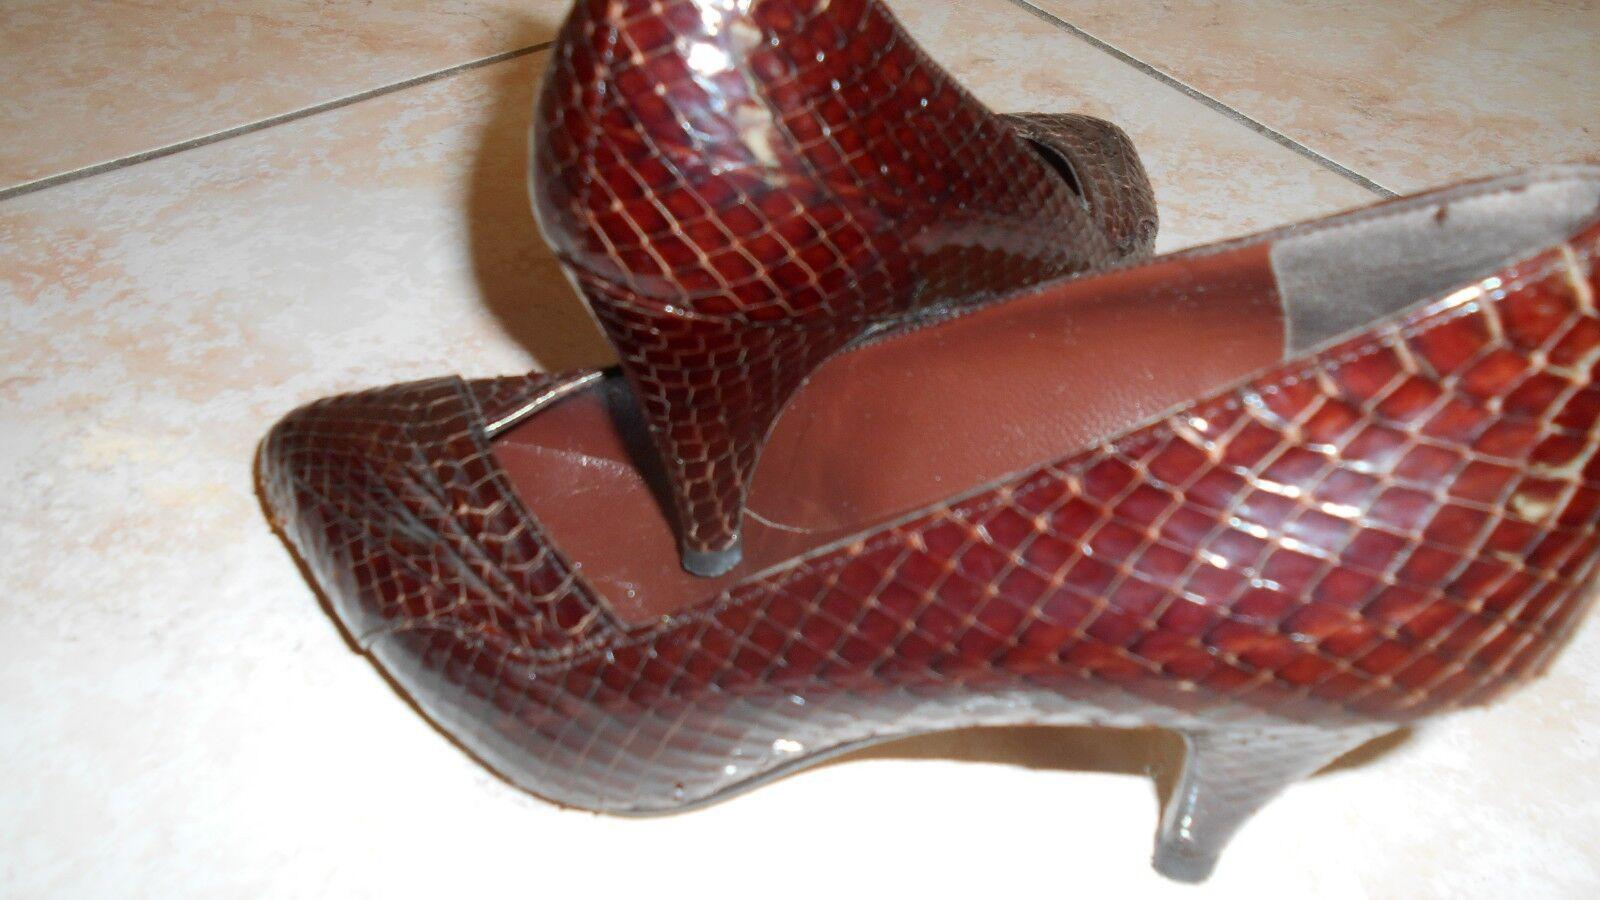 zapatos IN PELLE RETTILE TG.35,5 MODA FIDEN FIDEN FIDEN FRAC , MADE IN ITALY , USATE POCO  mas barato